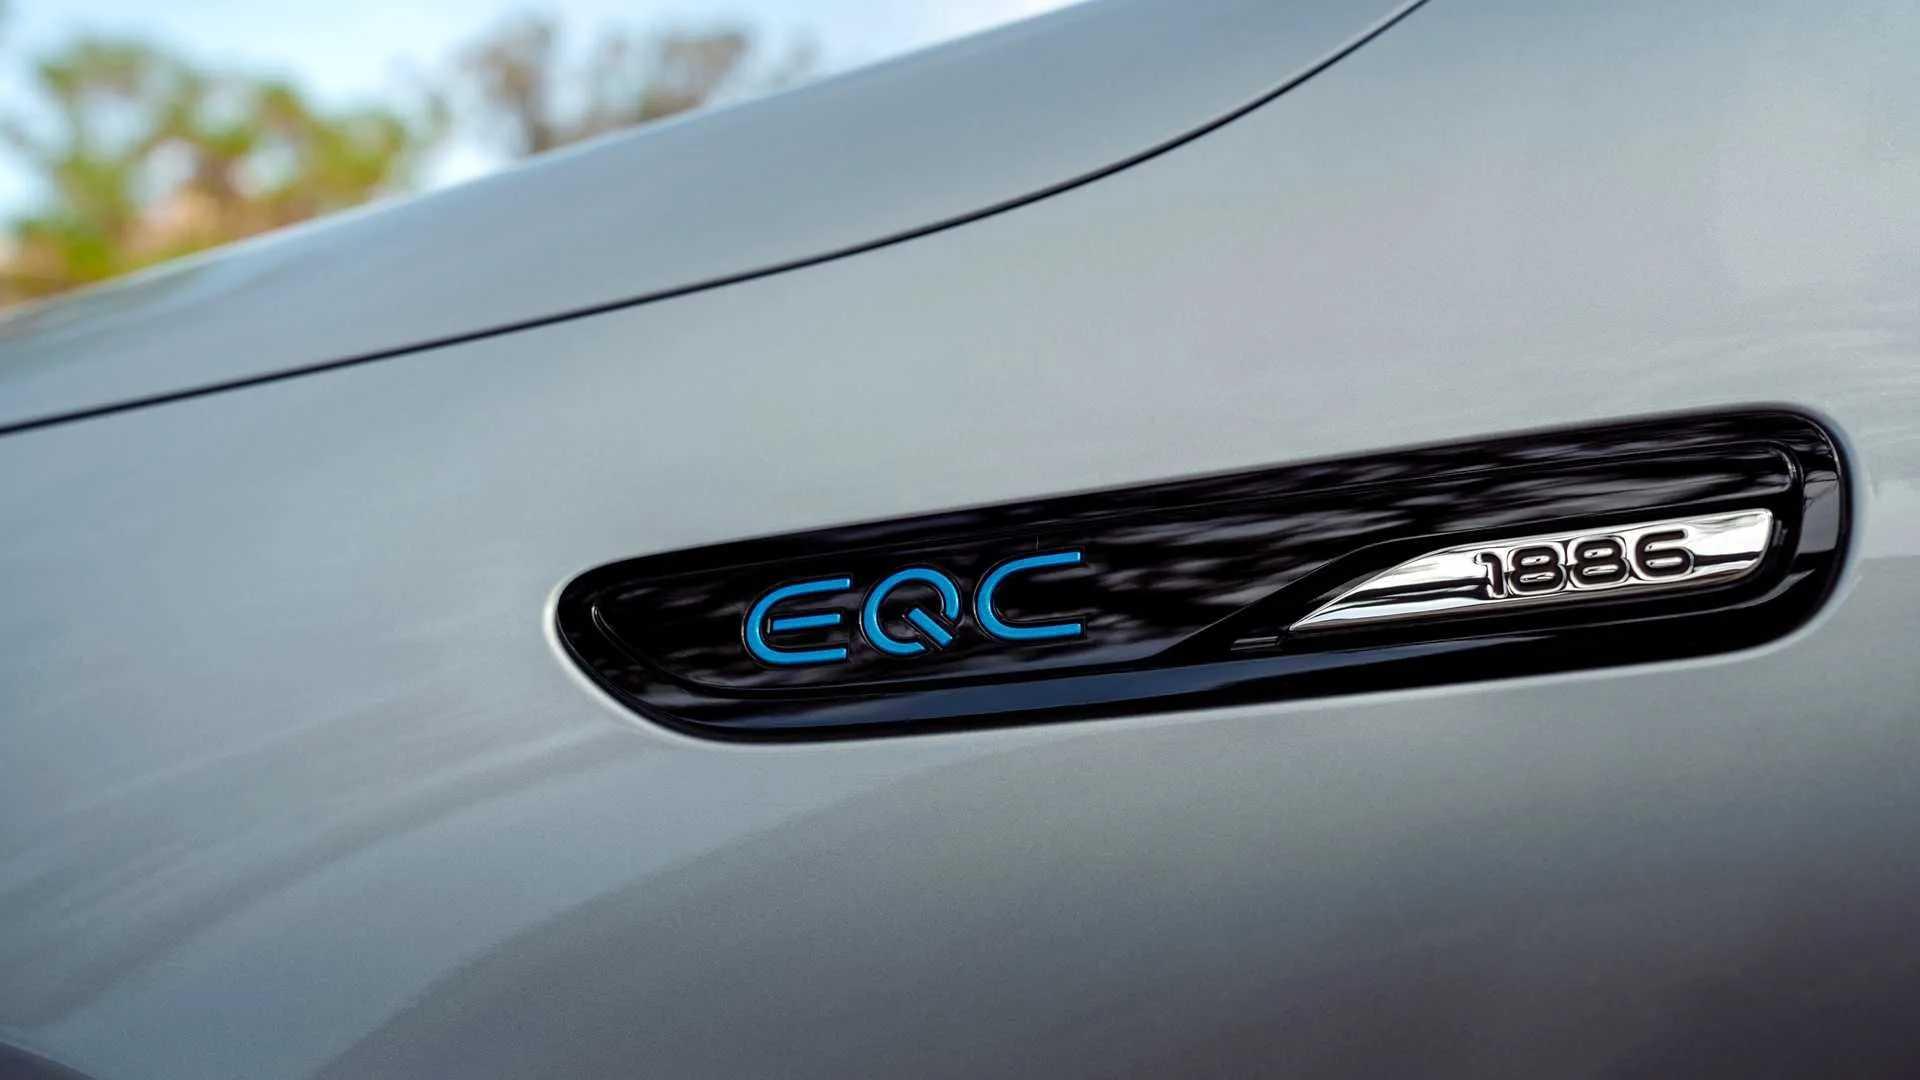 2020 - [Mercedes-Benz] EQ A - Page 3 2020-mercedes-benz-eqc-edition-1886